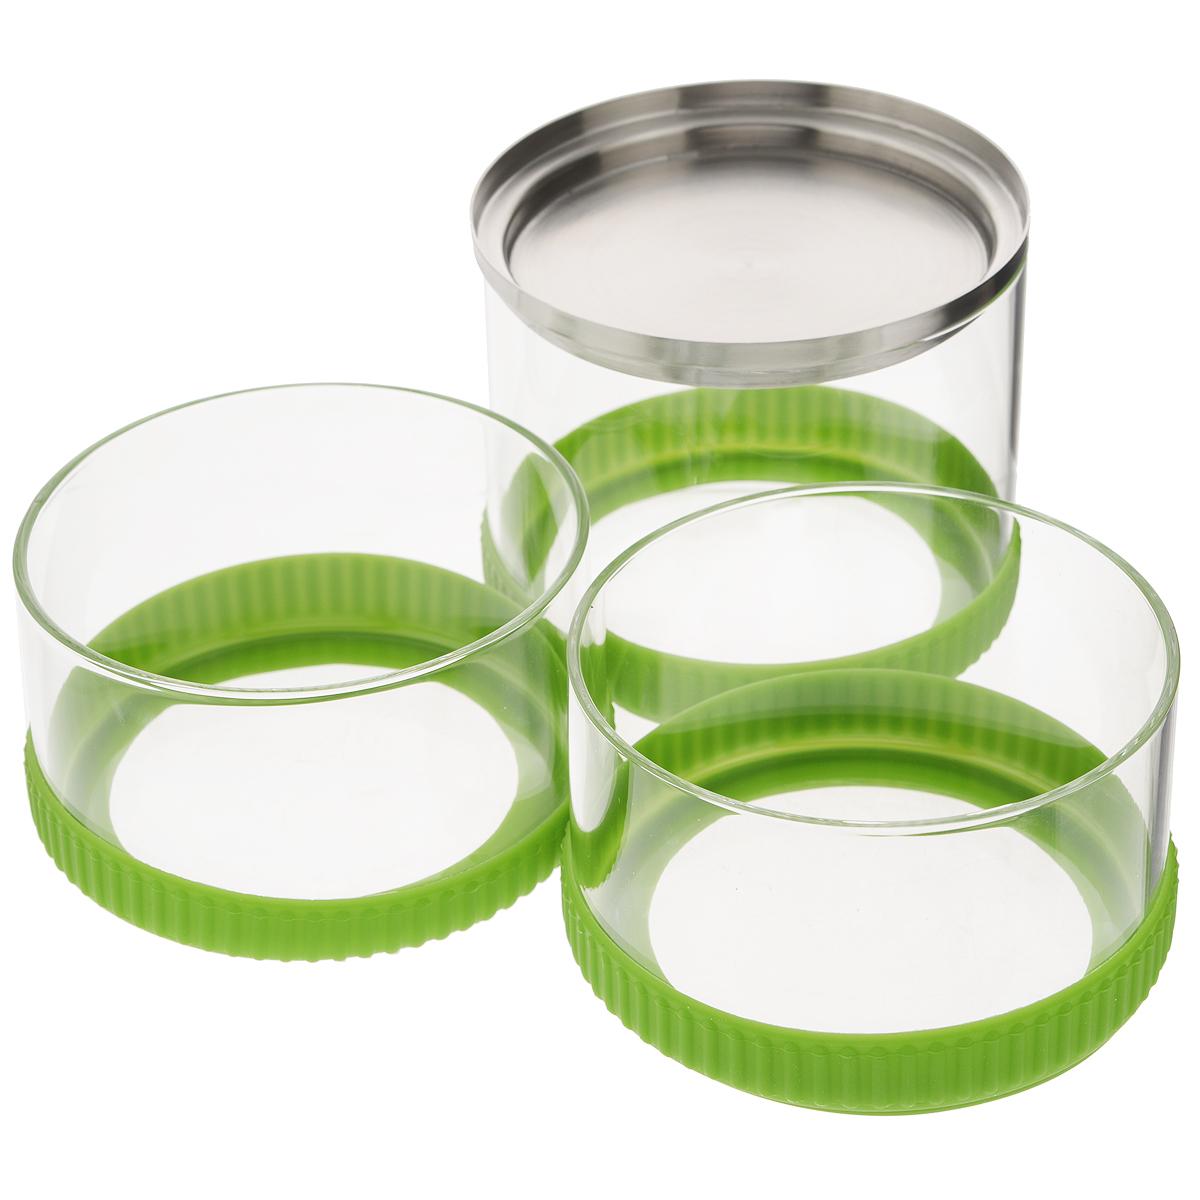 Набор контейнеров Sinoglass Roller, цвет: зеленый, 3 шт94904000Набор Sinoglass Roller состоит из трех контейнеров разного объема, предназначенных для хранения сыпучих продуктов. Изделия выполнены из высококачественного стекла и оснащены силиконовыми кольцами, которые предохраняют поверхность стола от повреждений. Для экономии пространства контейнеры ставятся друг на друга. Силиконовые кольца обеспечивают герметичность контейнеров: это позволит продуктам дольше оставаться свежими и предохранит от попадания влаги. Верхний контейнер закрывается крышкой из нержавеющей стали. Контейнеры идеальны для хранения печенья, орехов, мармелада, чая, кофе, сахара и других сыпучих продуктов. Благодаря прозрачным стенкам, можно видеть содержимое банок. Такой набор стильно дополнит интерьер кухни и станет незаменимым помощником в приготовлении ваших любимых блюд. Высота контейнеров: 6,5 см; 6,5 см; 9 см. Общая высота трех контейнеров: 22 см. Диаметр контейнера: 11 см. Объем контейнеров: 0.6 л, 0.4...